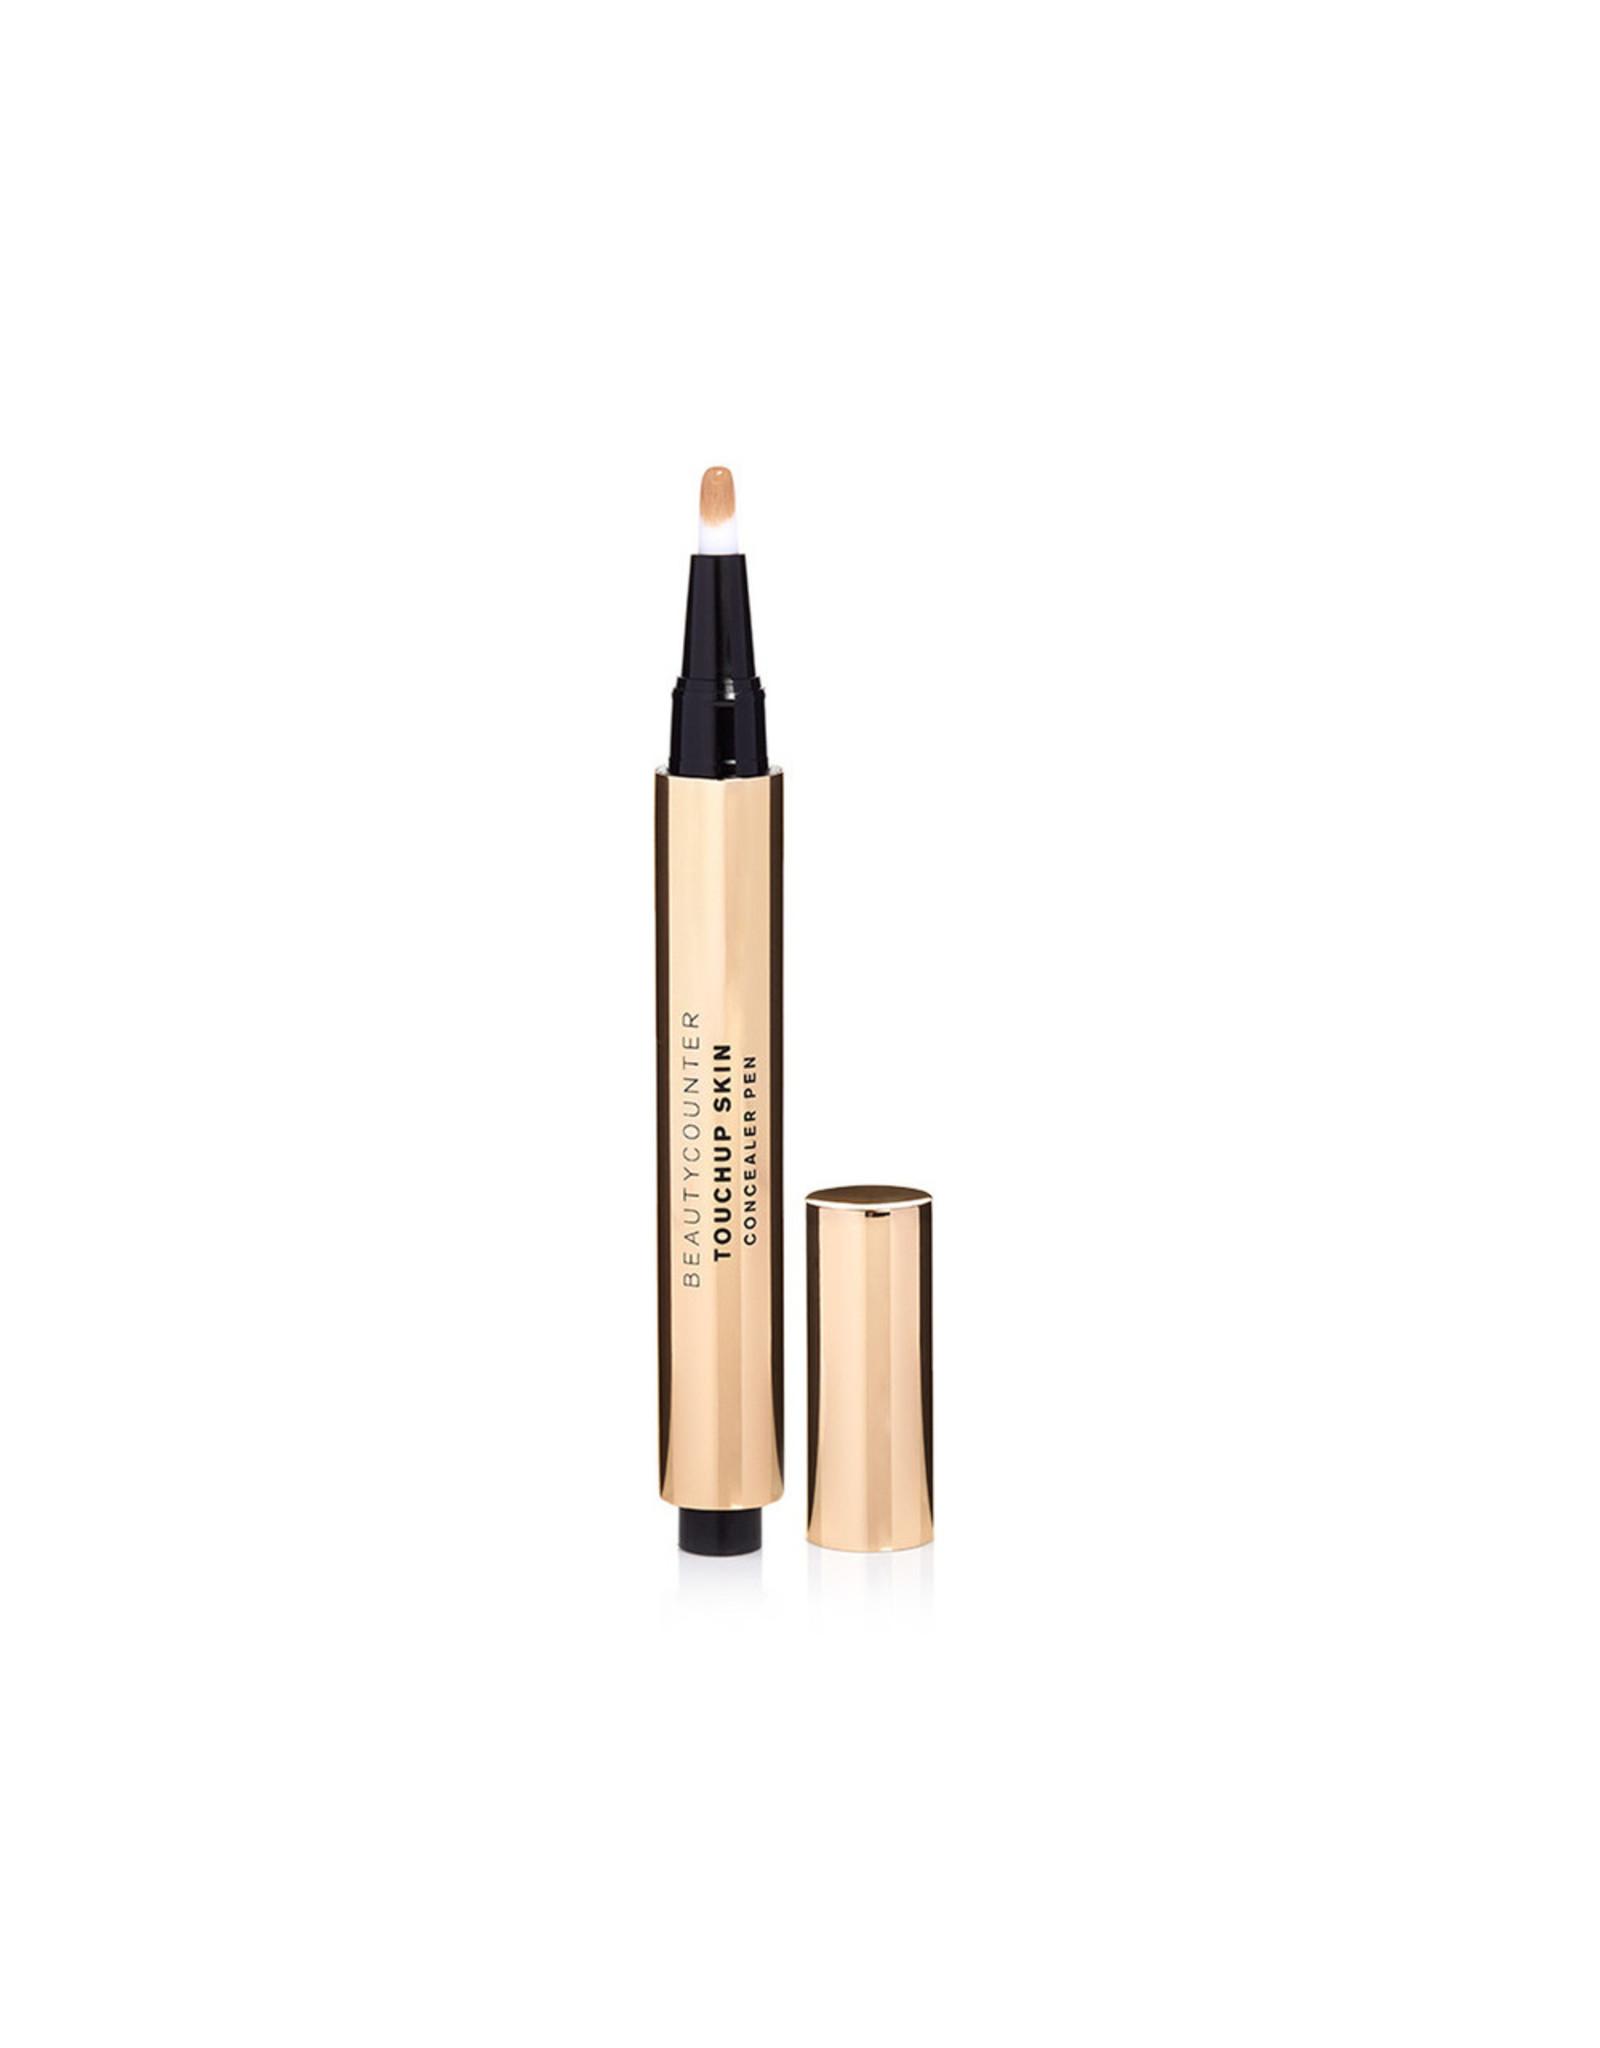 Beautycounter Beautycounter Touchup Skin Concealer Pen (Color: Medium 2)